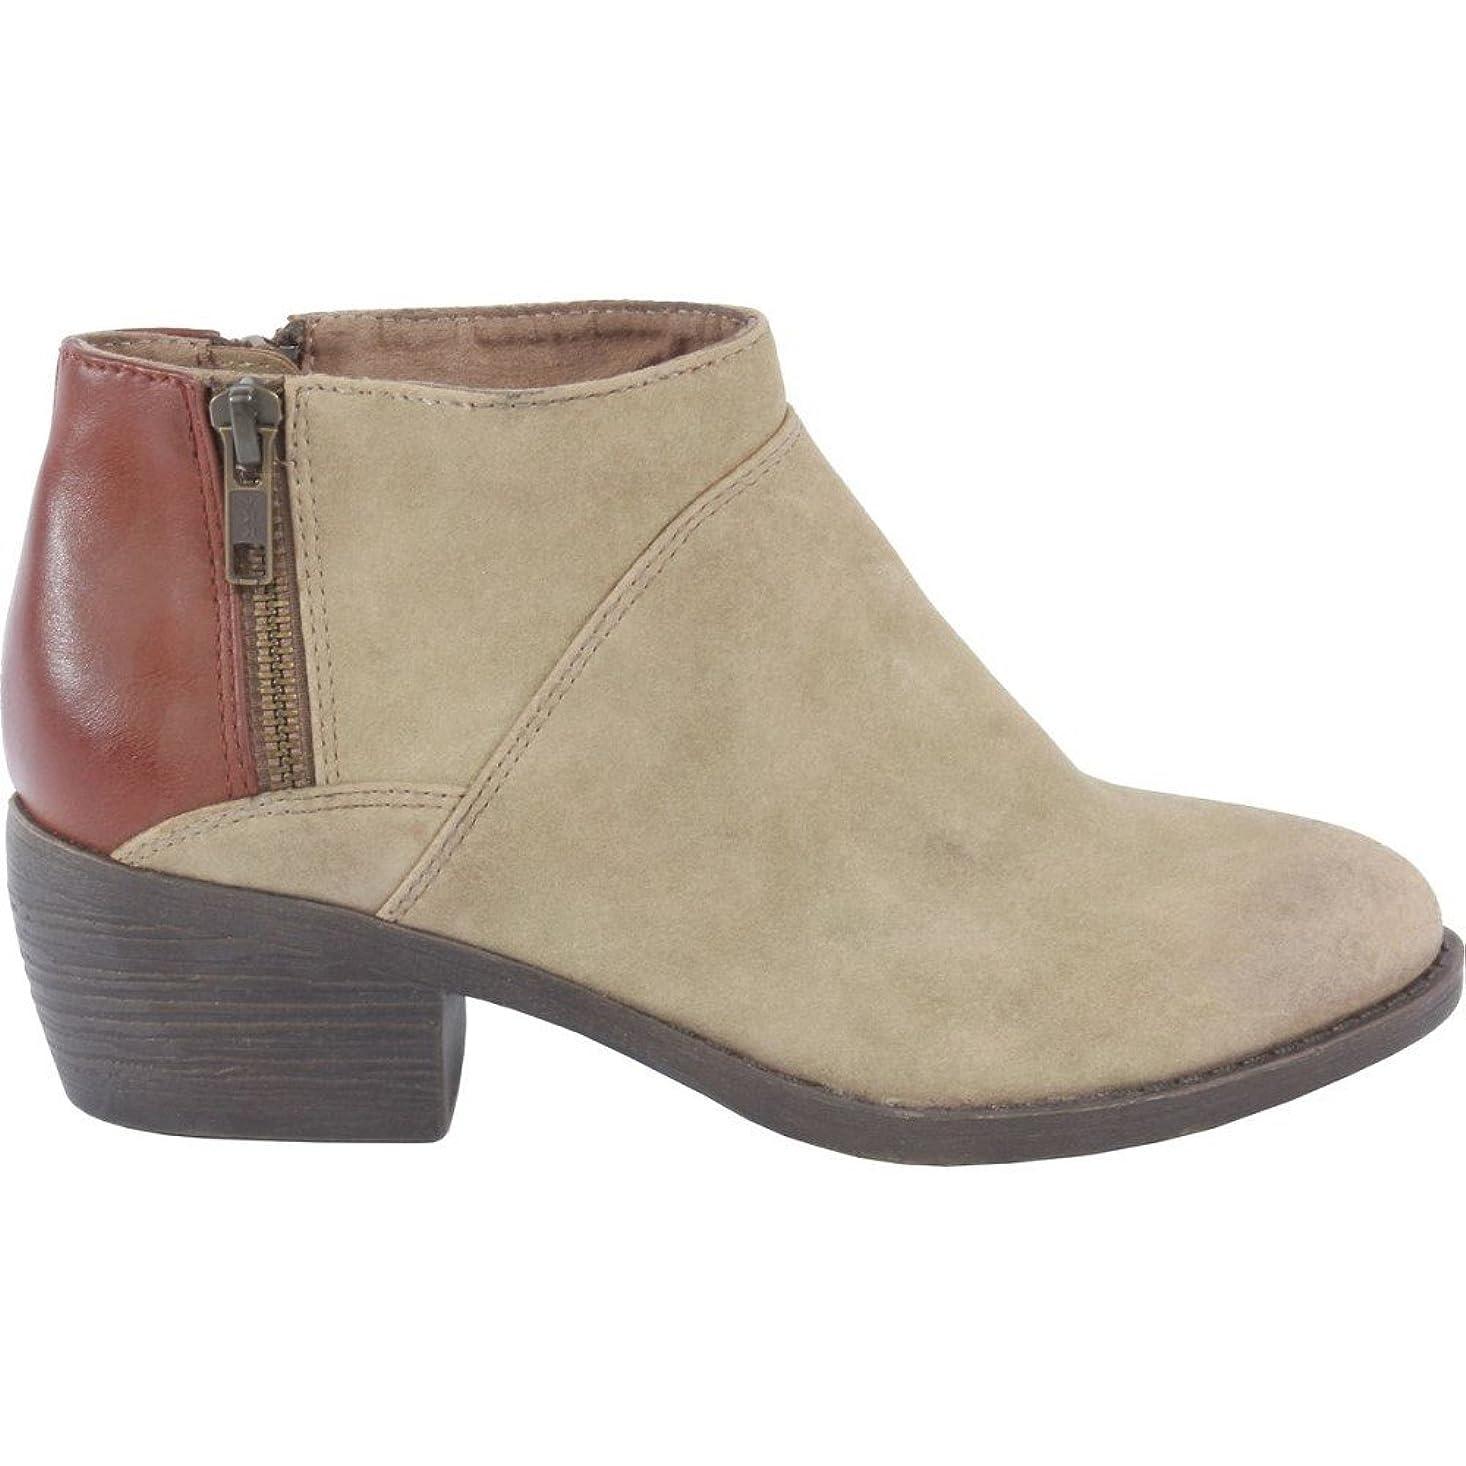 詐欺助けて溶岩(BC フットウェア) BC Footwear レディース シューズ?靴 ブーツ Union Boot [並行輸入品]